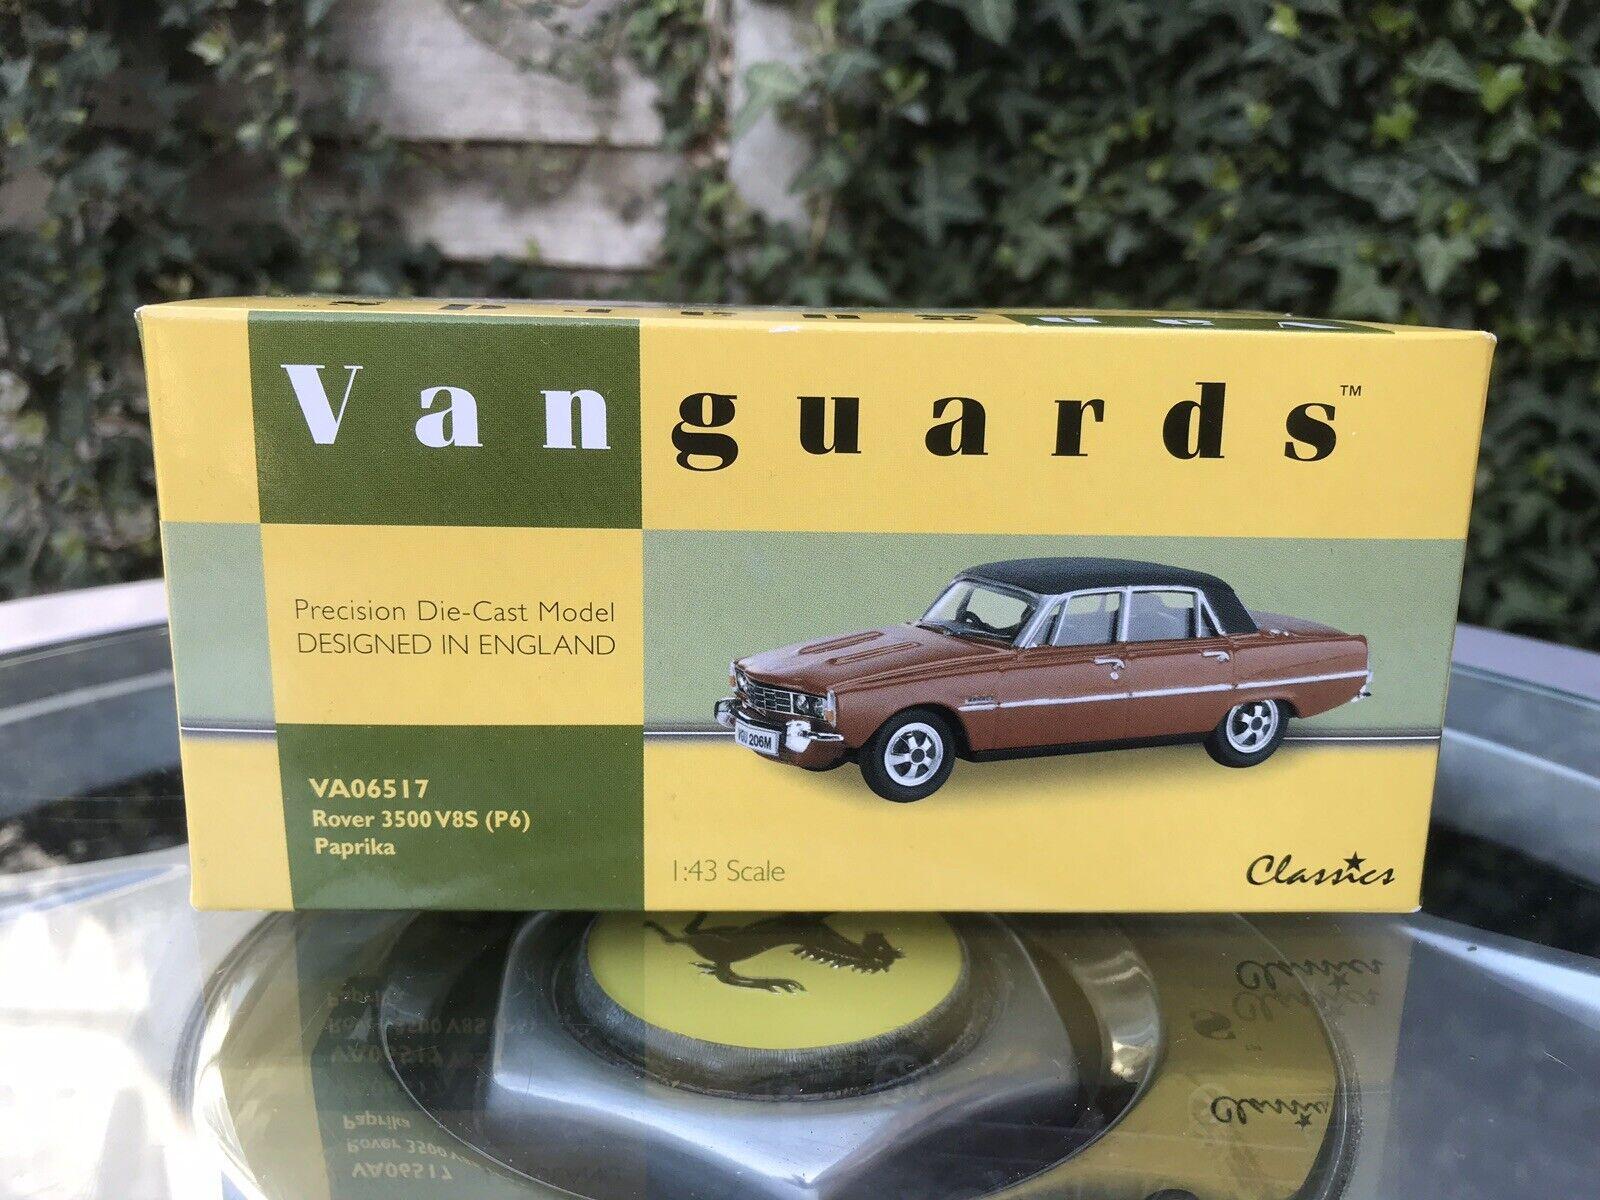 Vanguards ROVER 3500 V8S (P6) Paprika 1 43 En parfait état, dans sa boîte LTD ED VA06517